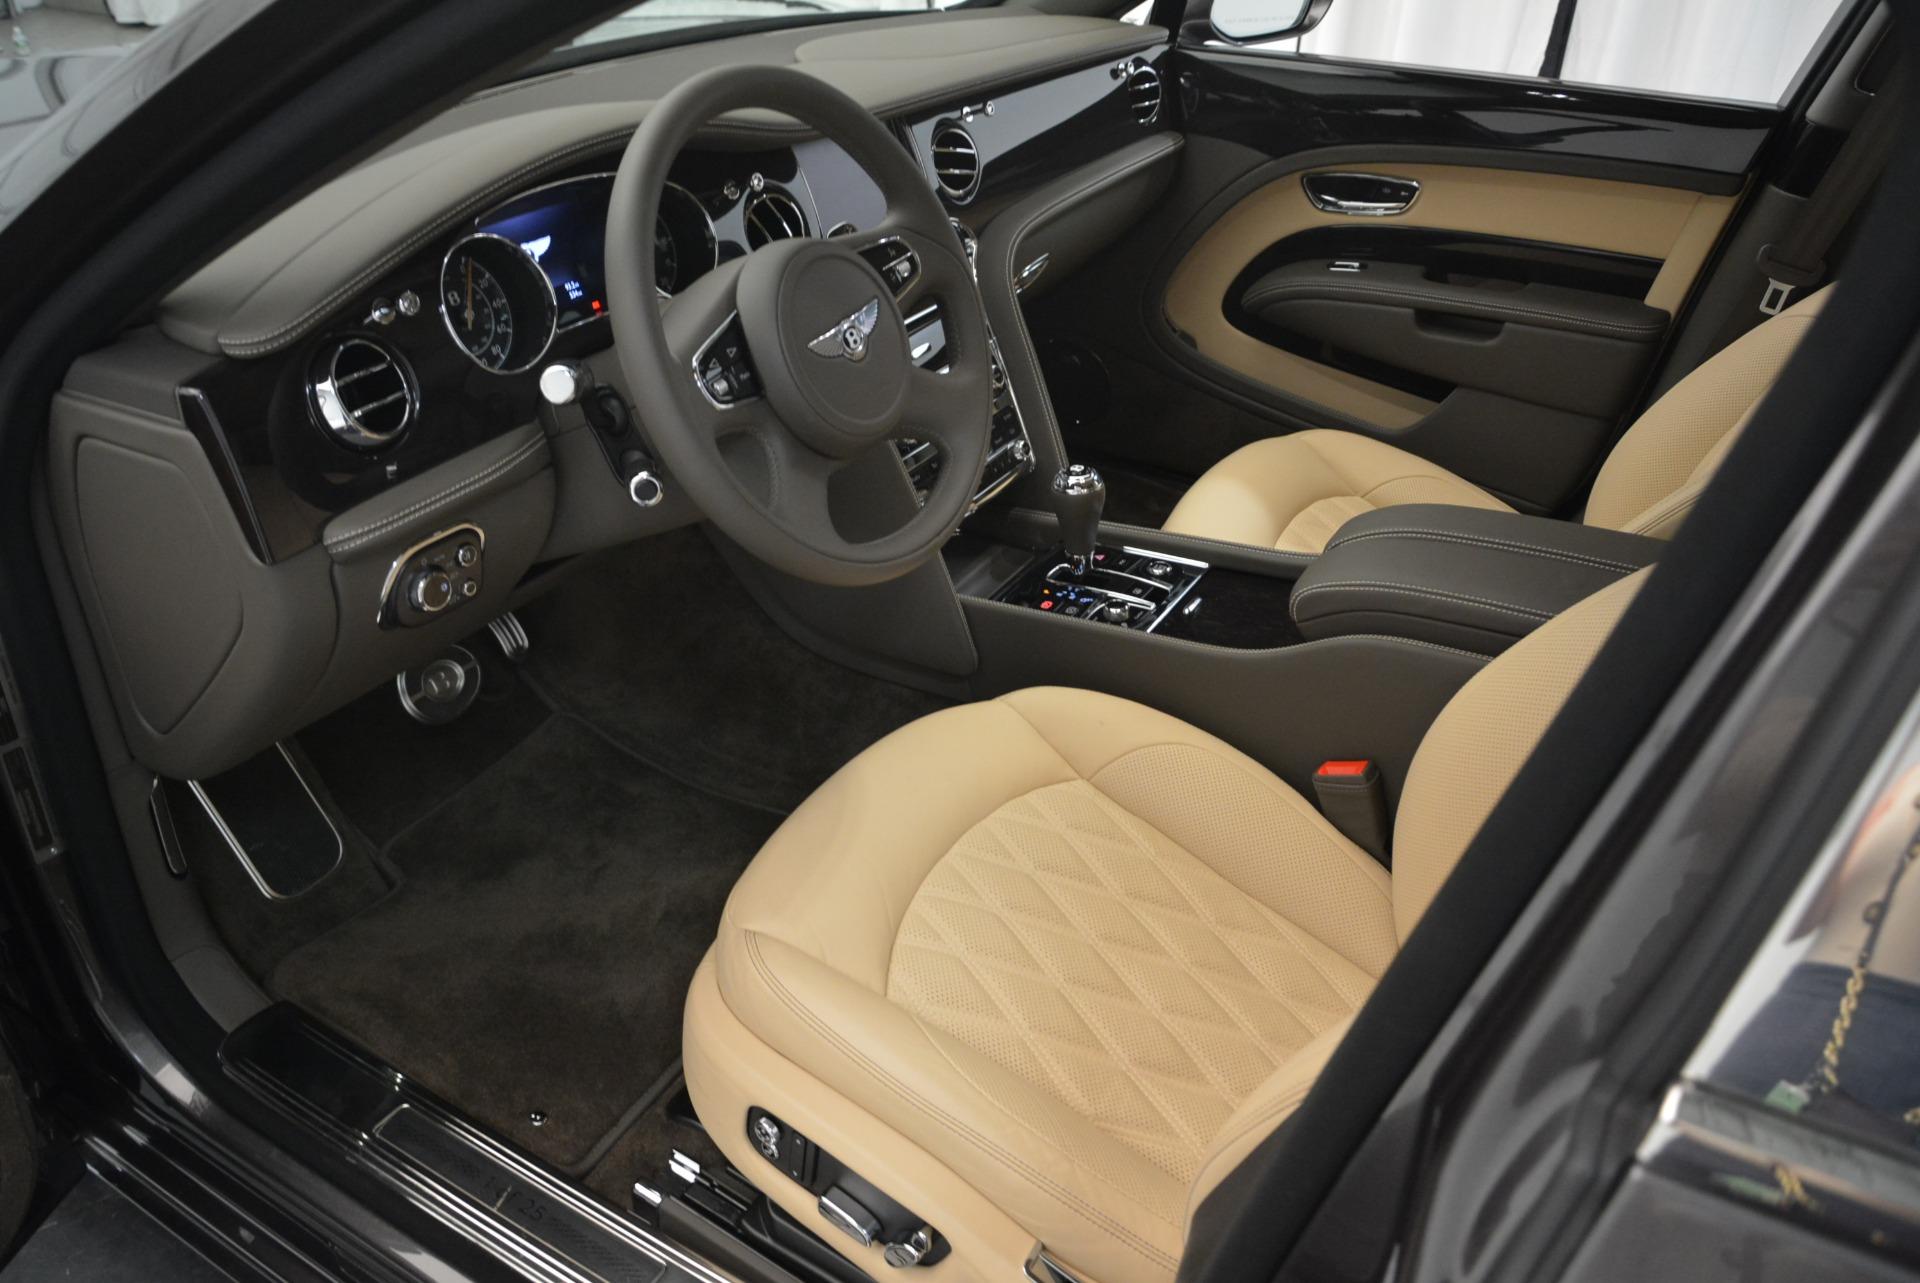 Used 2017 Bentley Mulsanne EWB For Sale In Westport, CT 1554_p11